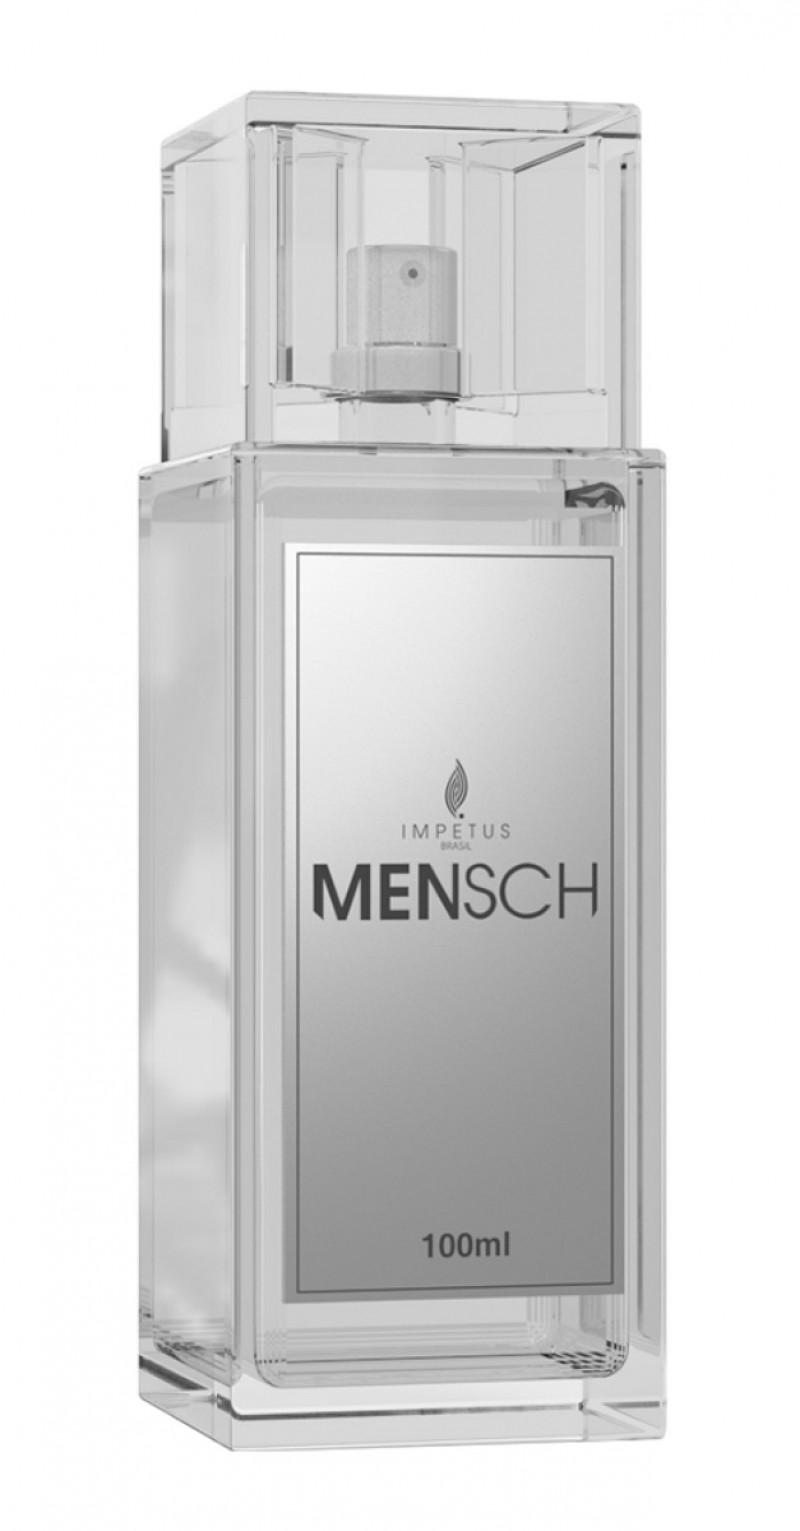 Mensch lança sua primeira fragrância oriental amadeirada